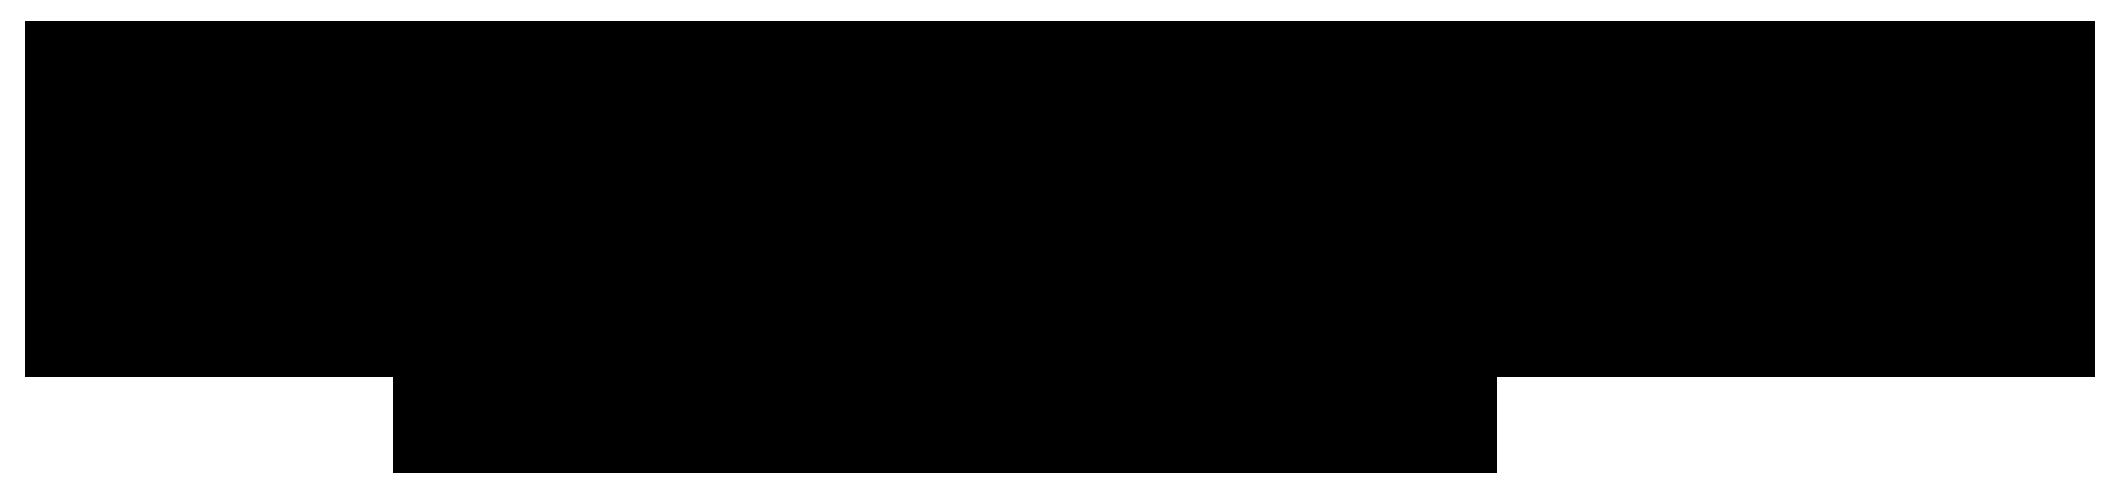 Haar & Kosmetik Iris Filz Logo